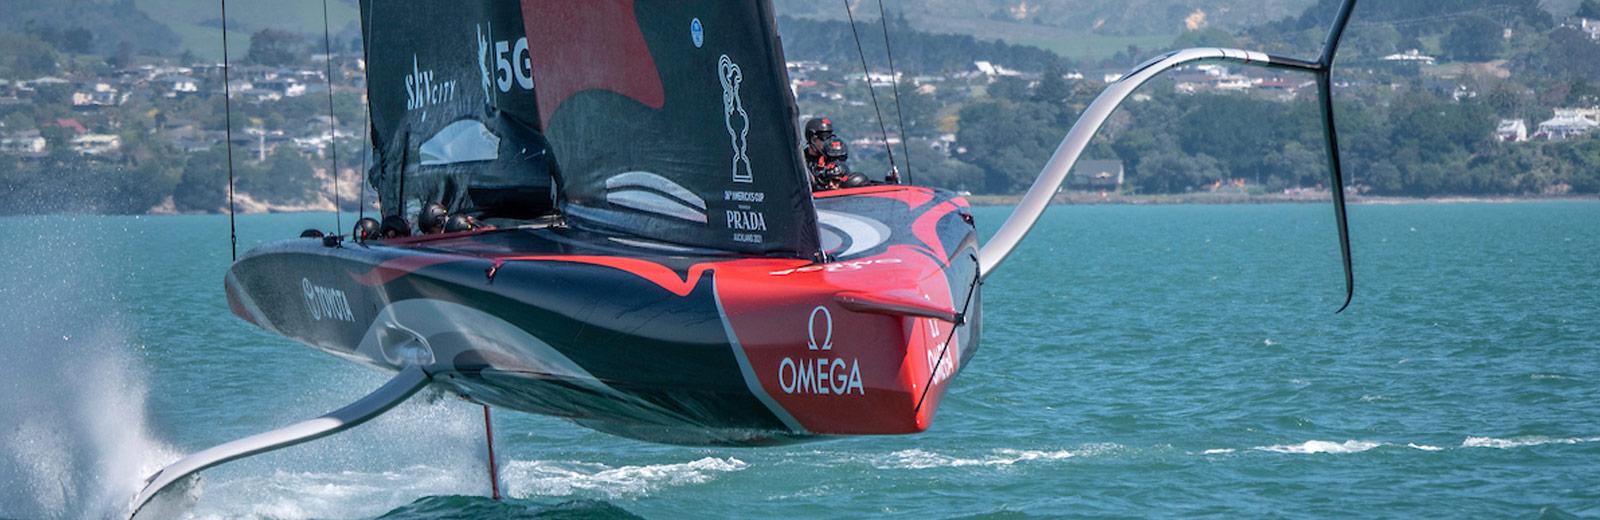 美洲杯帆船赛版腕表: Seamaster - 海洋宇宙600米腕表 - 帆船